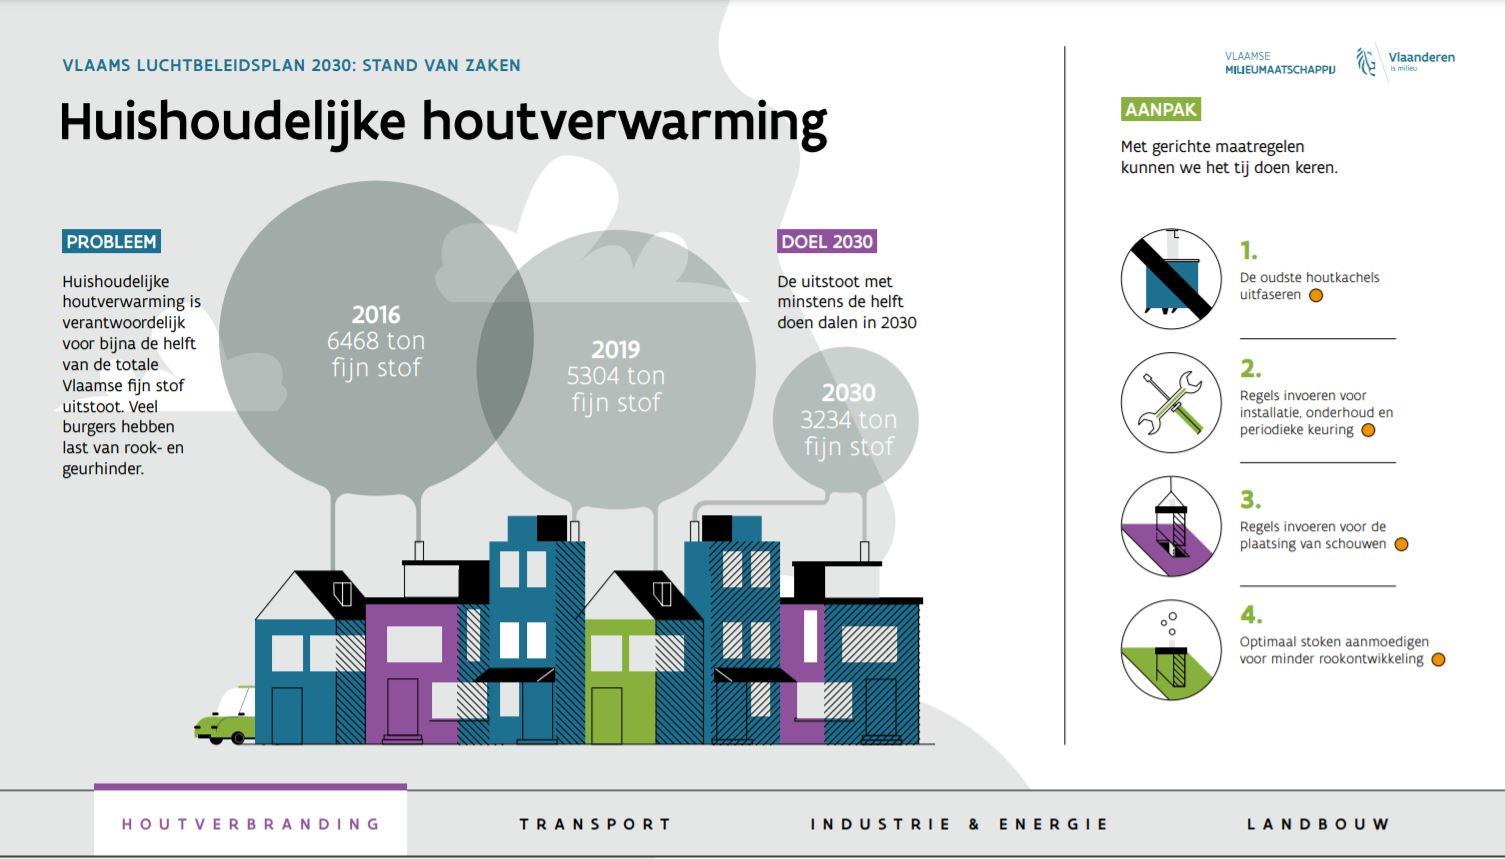 Emissies uit de huishoudelijke sector komen vooral van de gebouwenverwarming, vooral van de verbranding van hout in kachels en ketels.